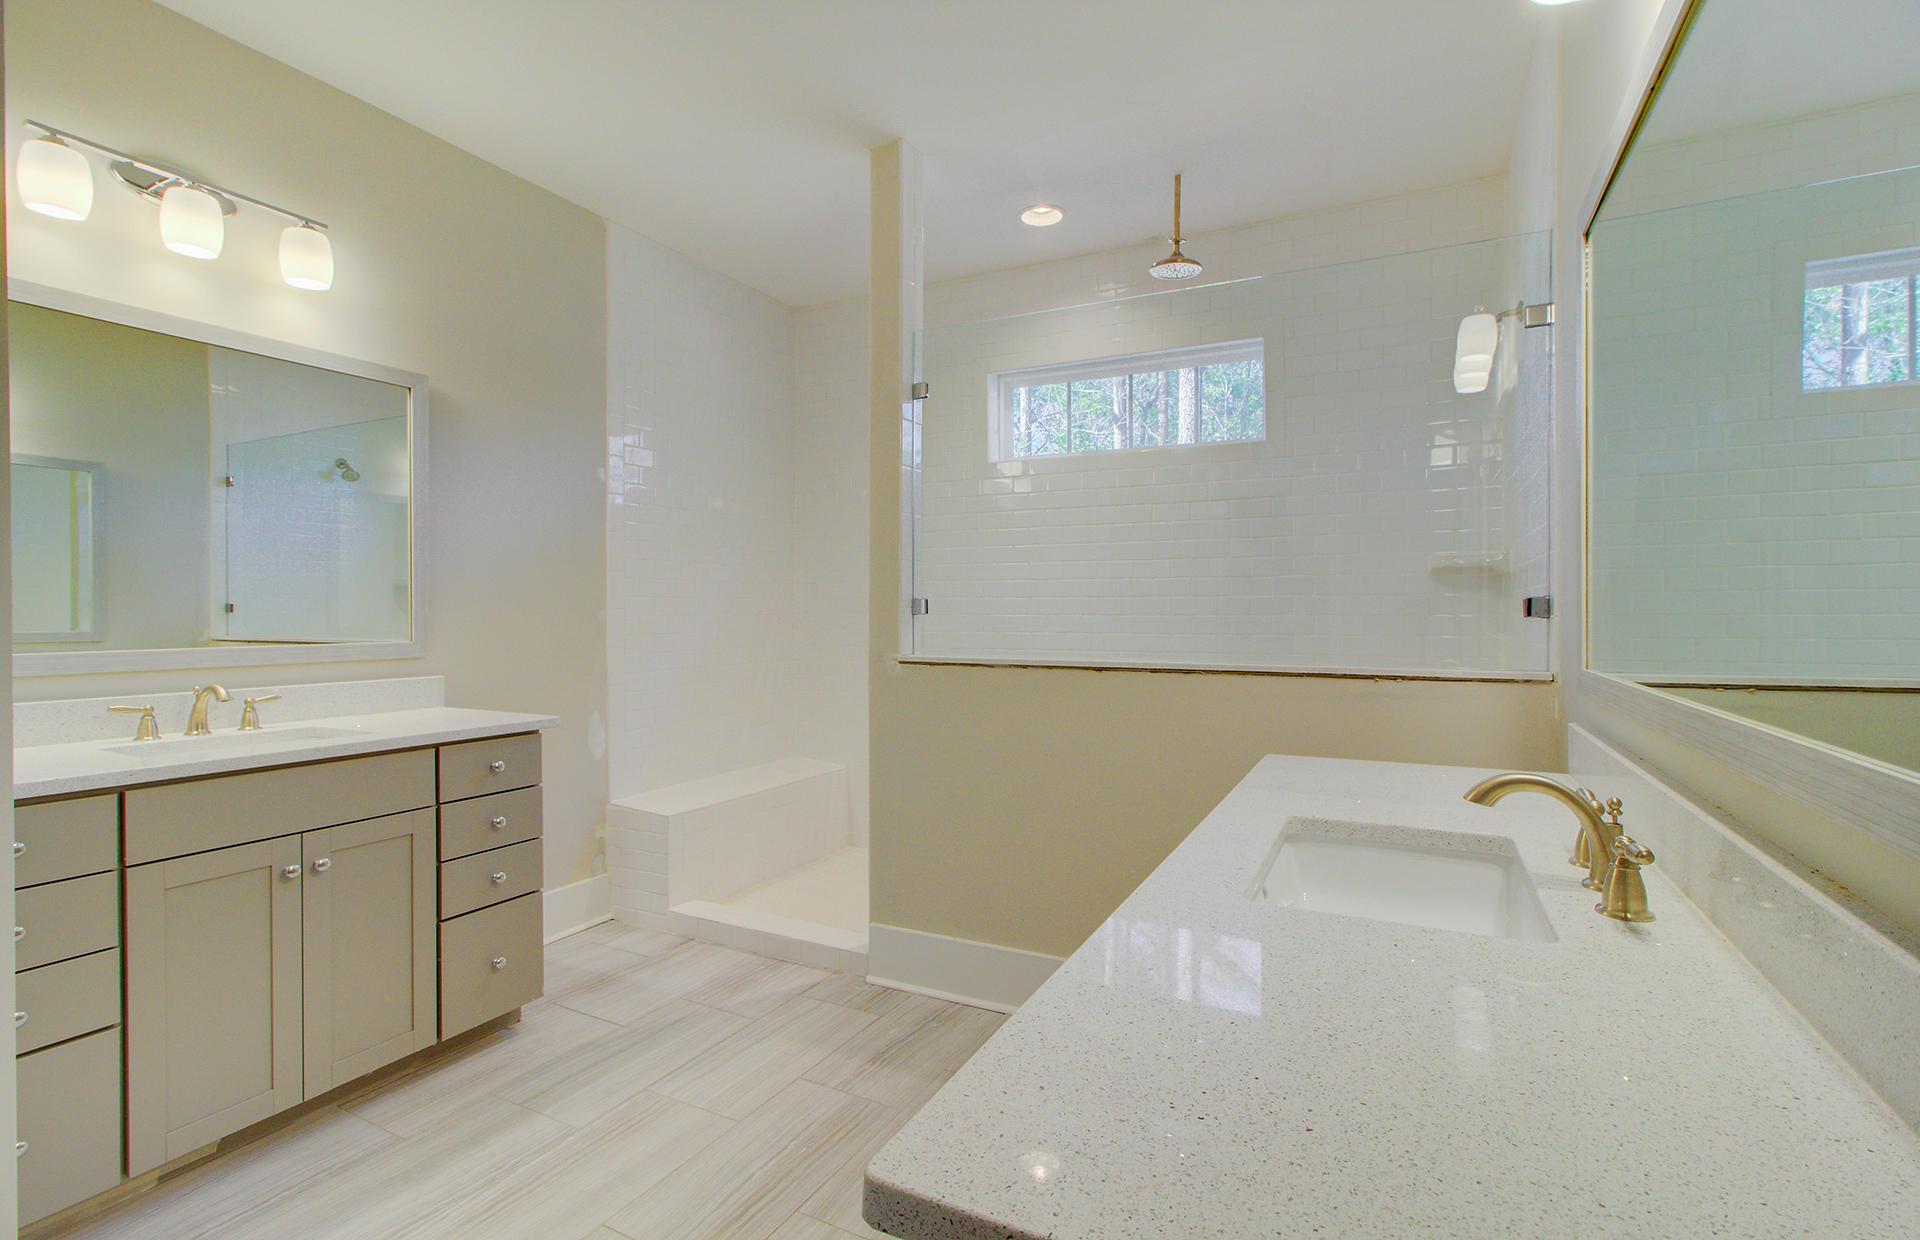 Dunes West Homes For Sale - 2406 Brackish, Mount Pleasant, SC - 15